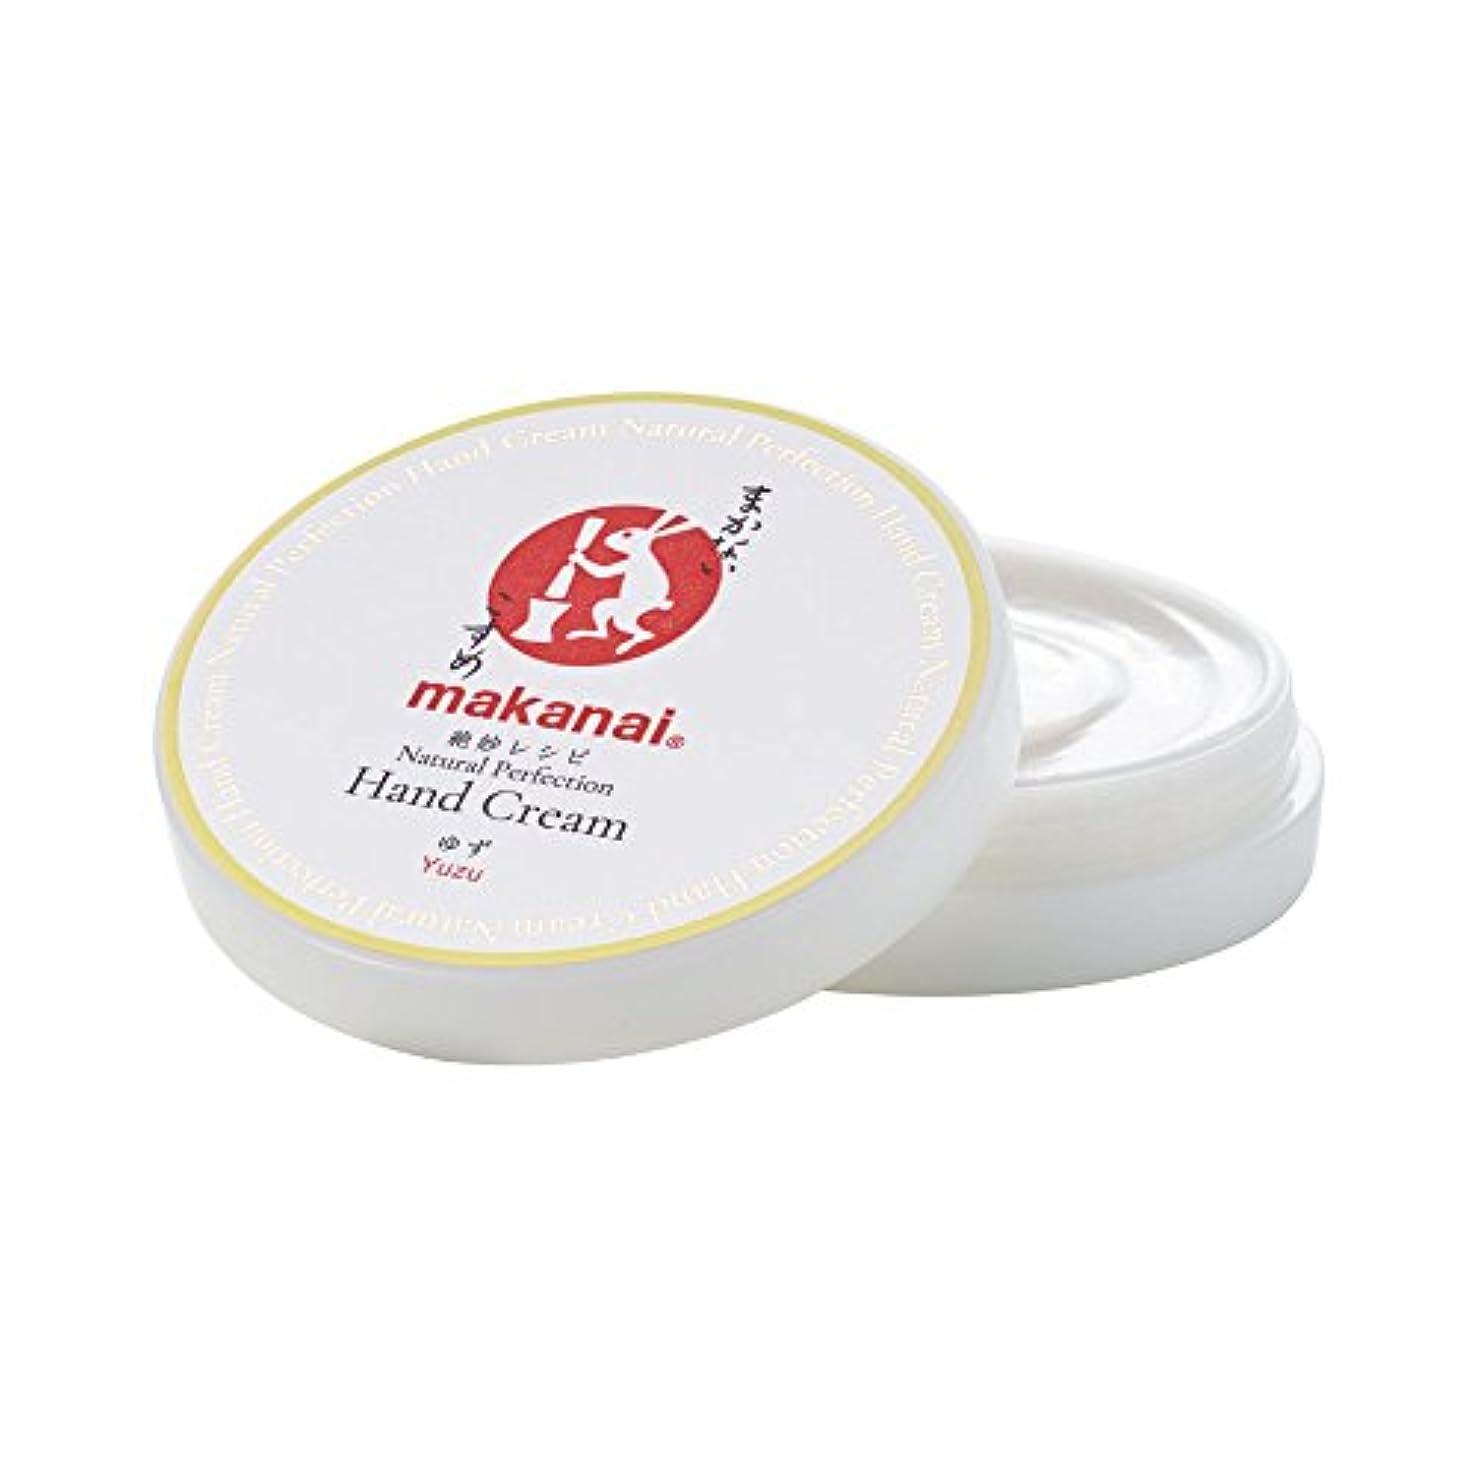 確立します耐えられない瀬戸際まかないこすめ 絶妙レシピのハンドクリーム(ゆずの香り)30g